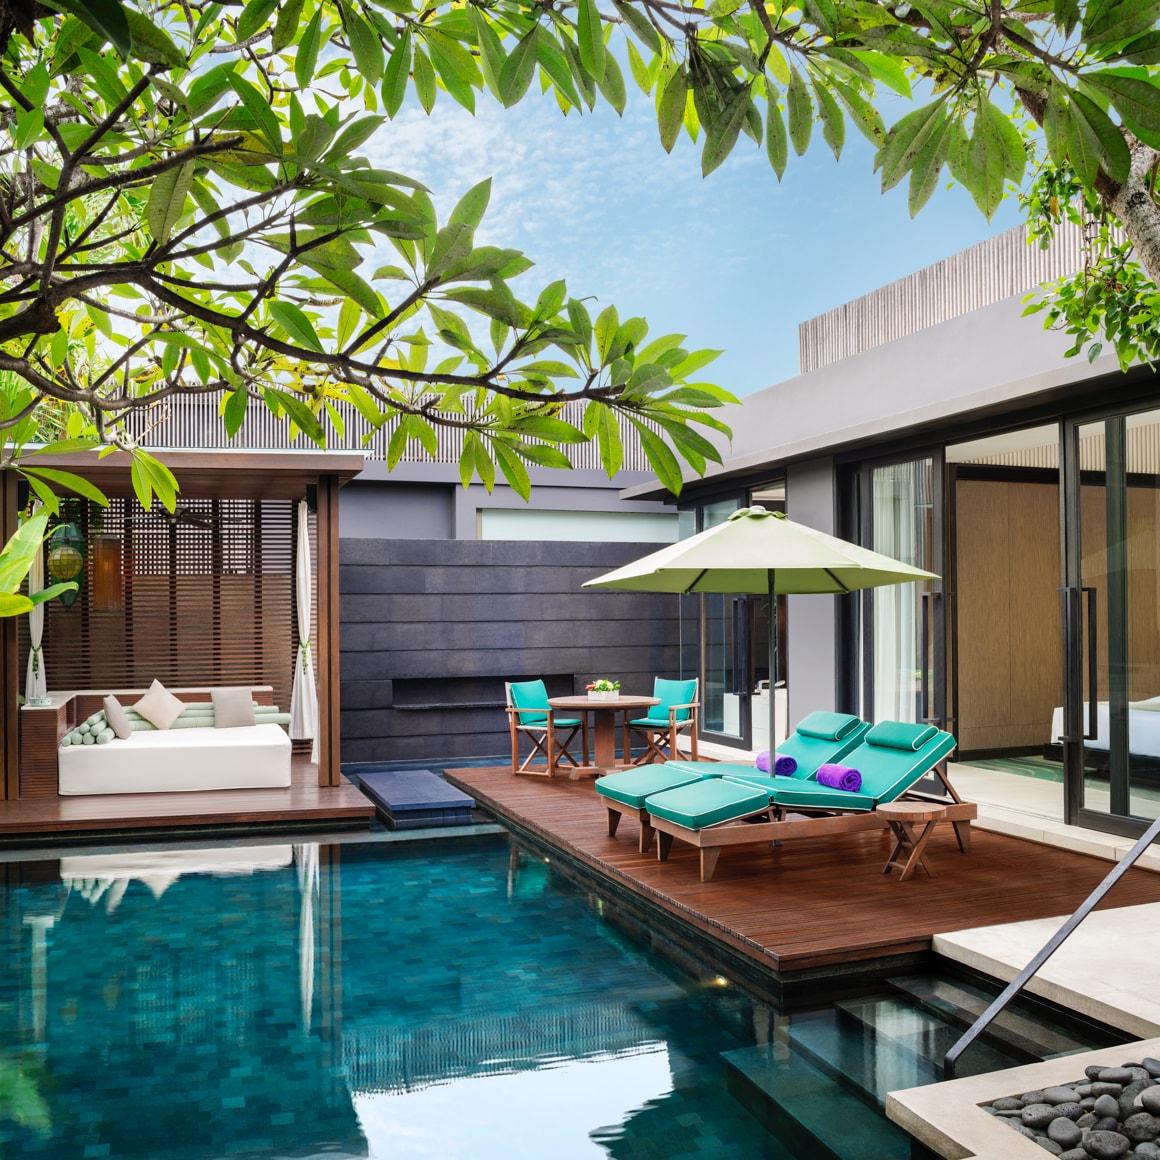 Terrasse mit Loungen über einem Außenpool